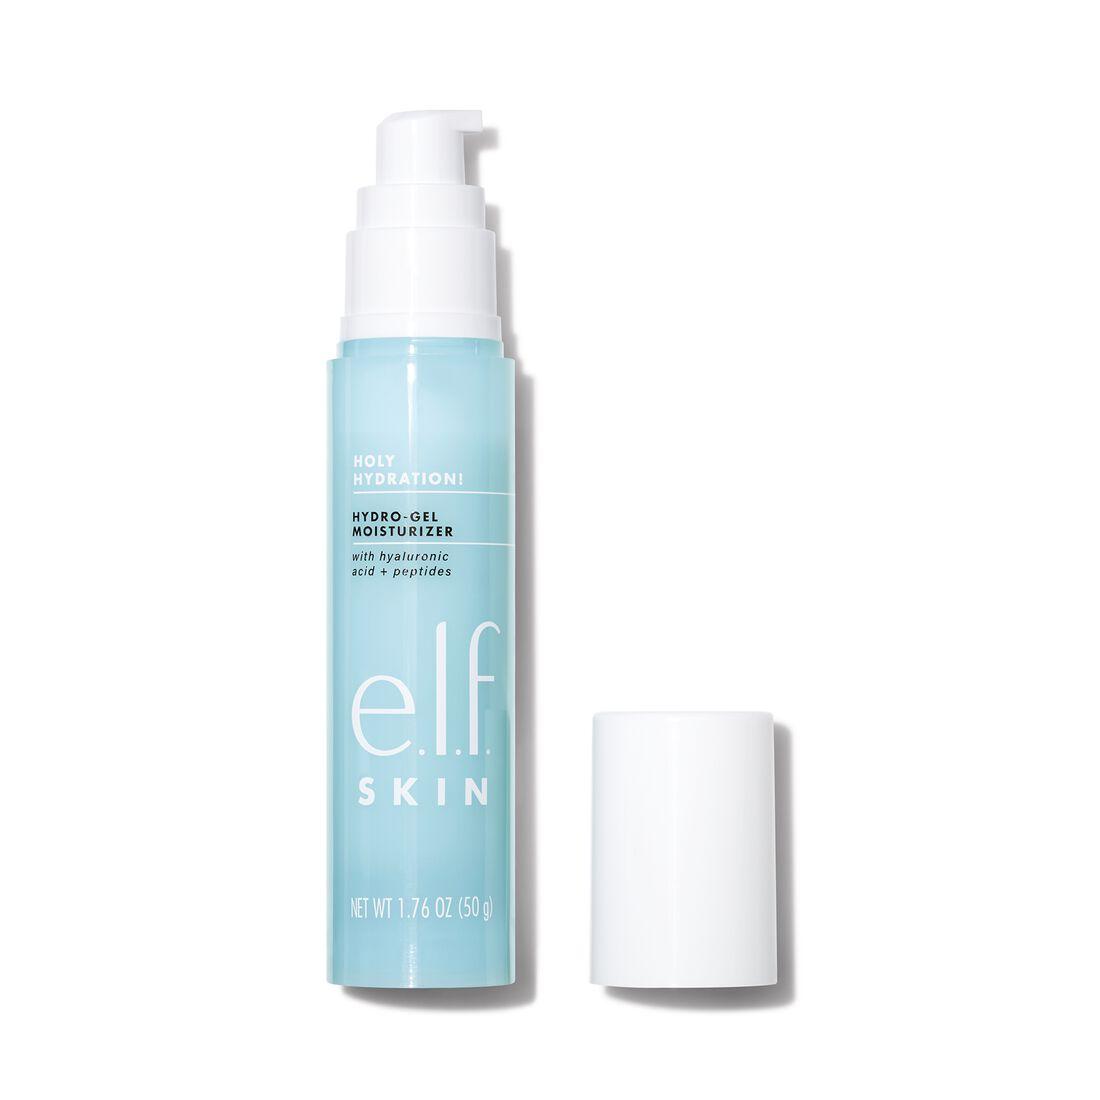 ELF Holy Hydration Hydro-Gel Moisturizer